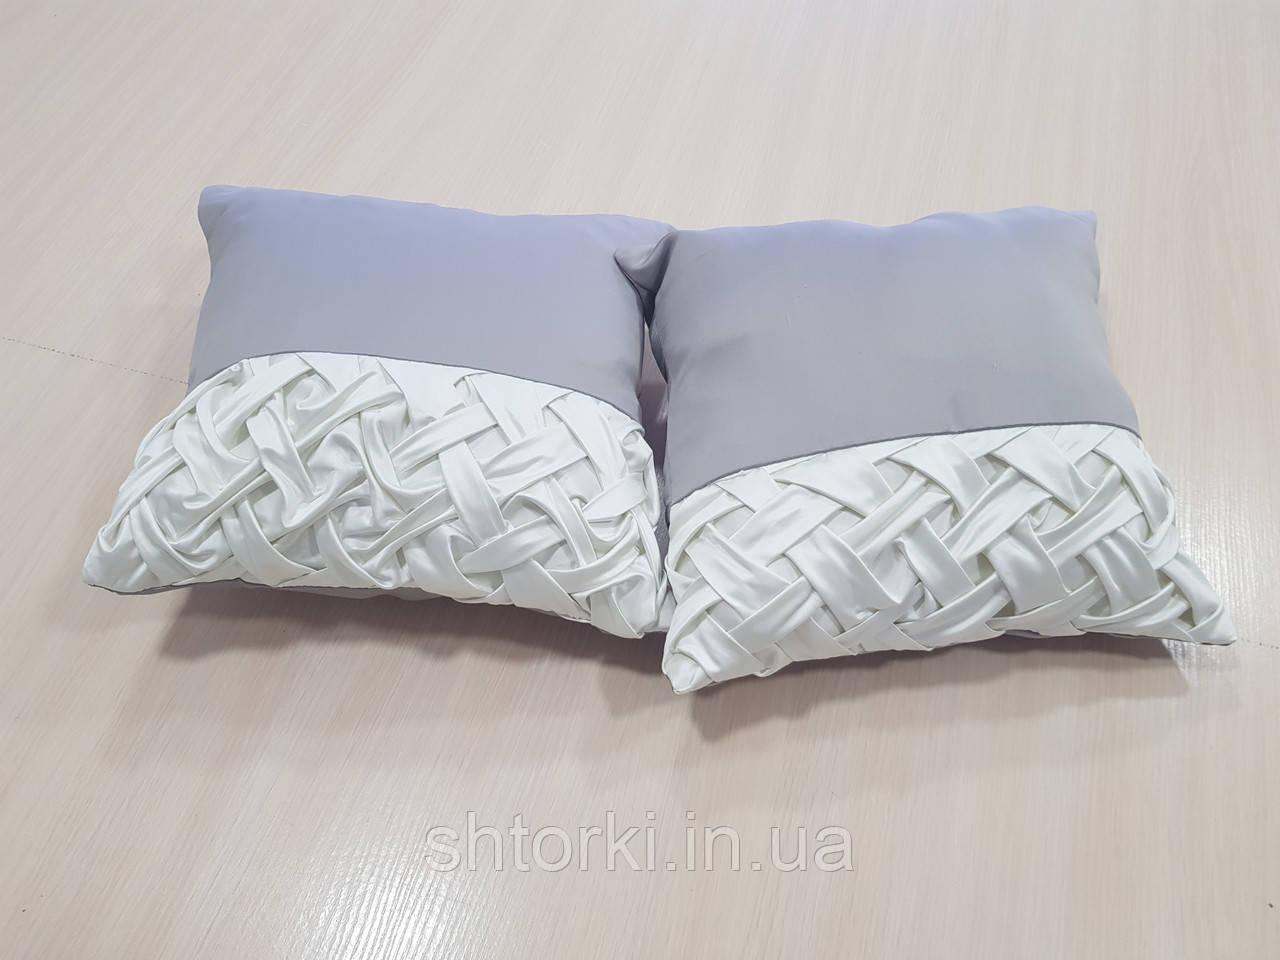 Комплект подушек серые с молочным защипы, 2шт